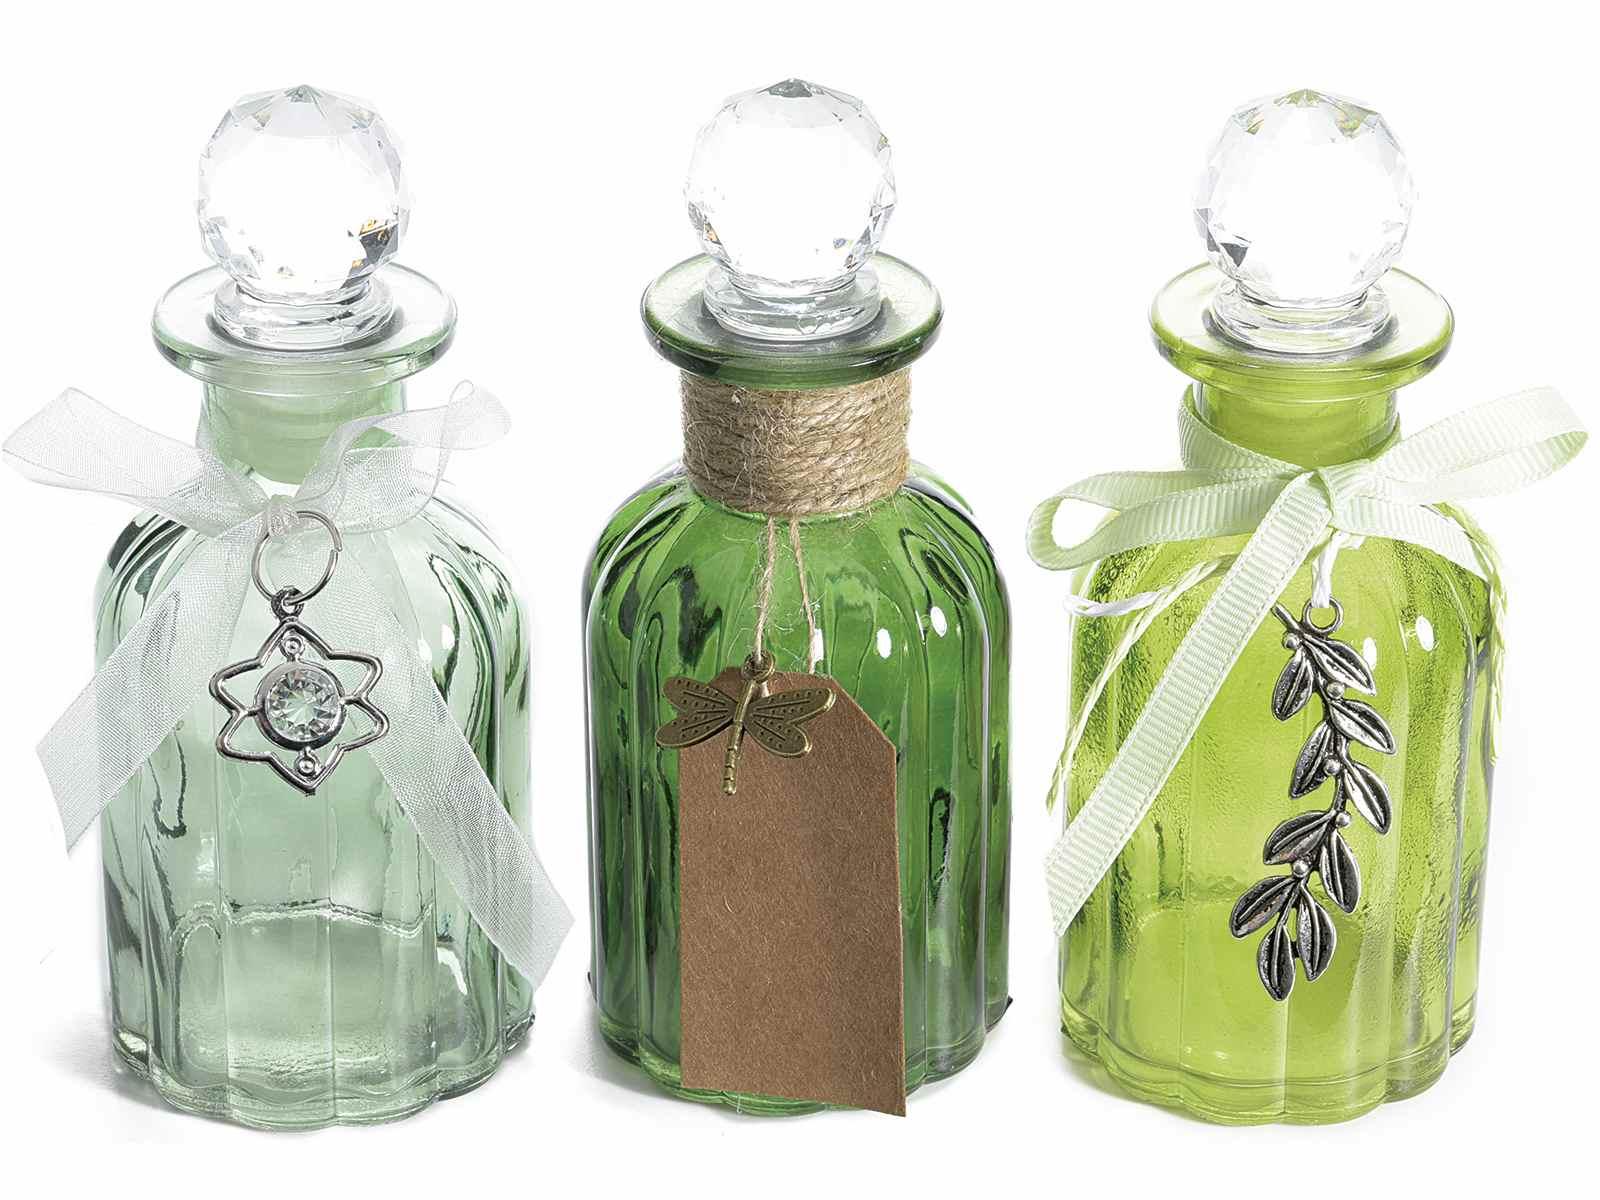 Bottiglietta in vetro colorato c tappo ermetico e pendente - Mobiletti in vetro ...